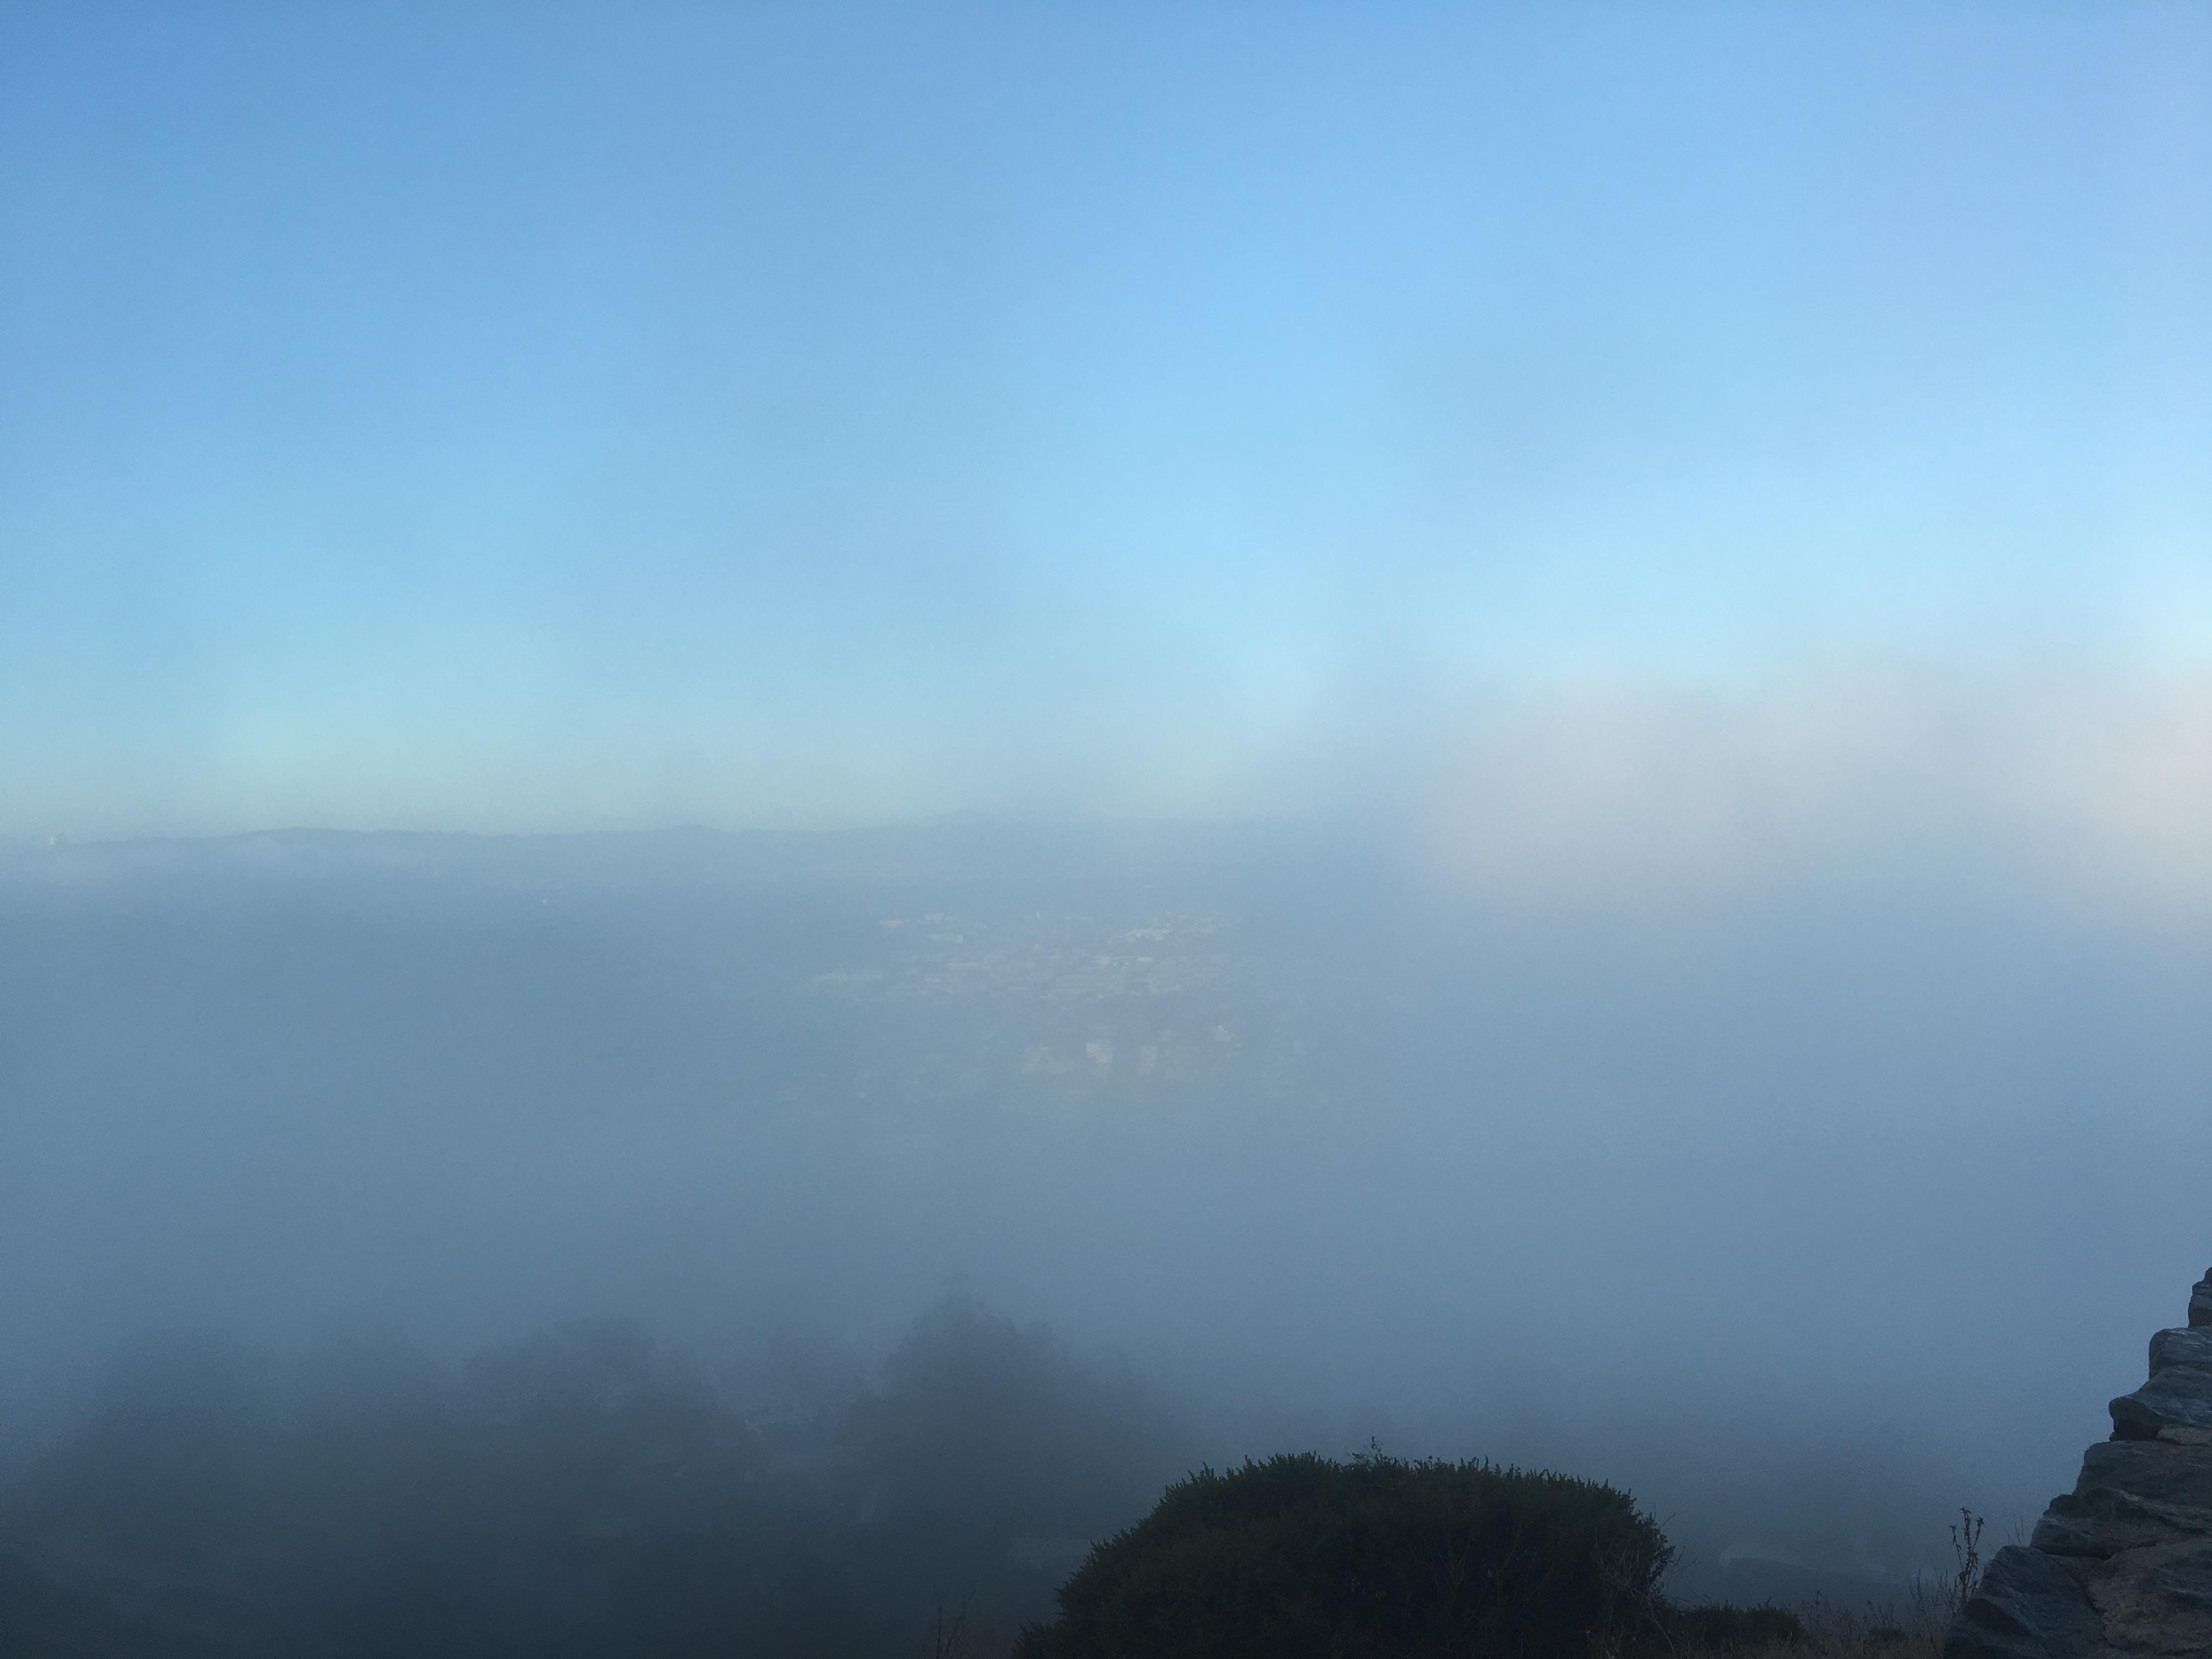 Na poziomie wierzchołków chmur - Twin Peaks